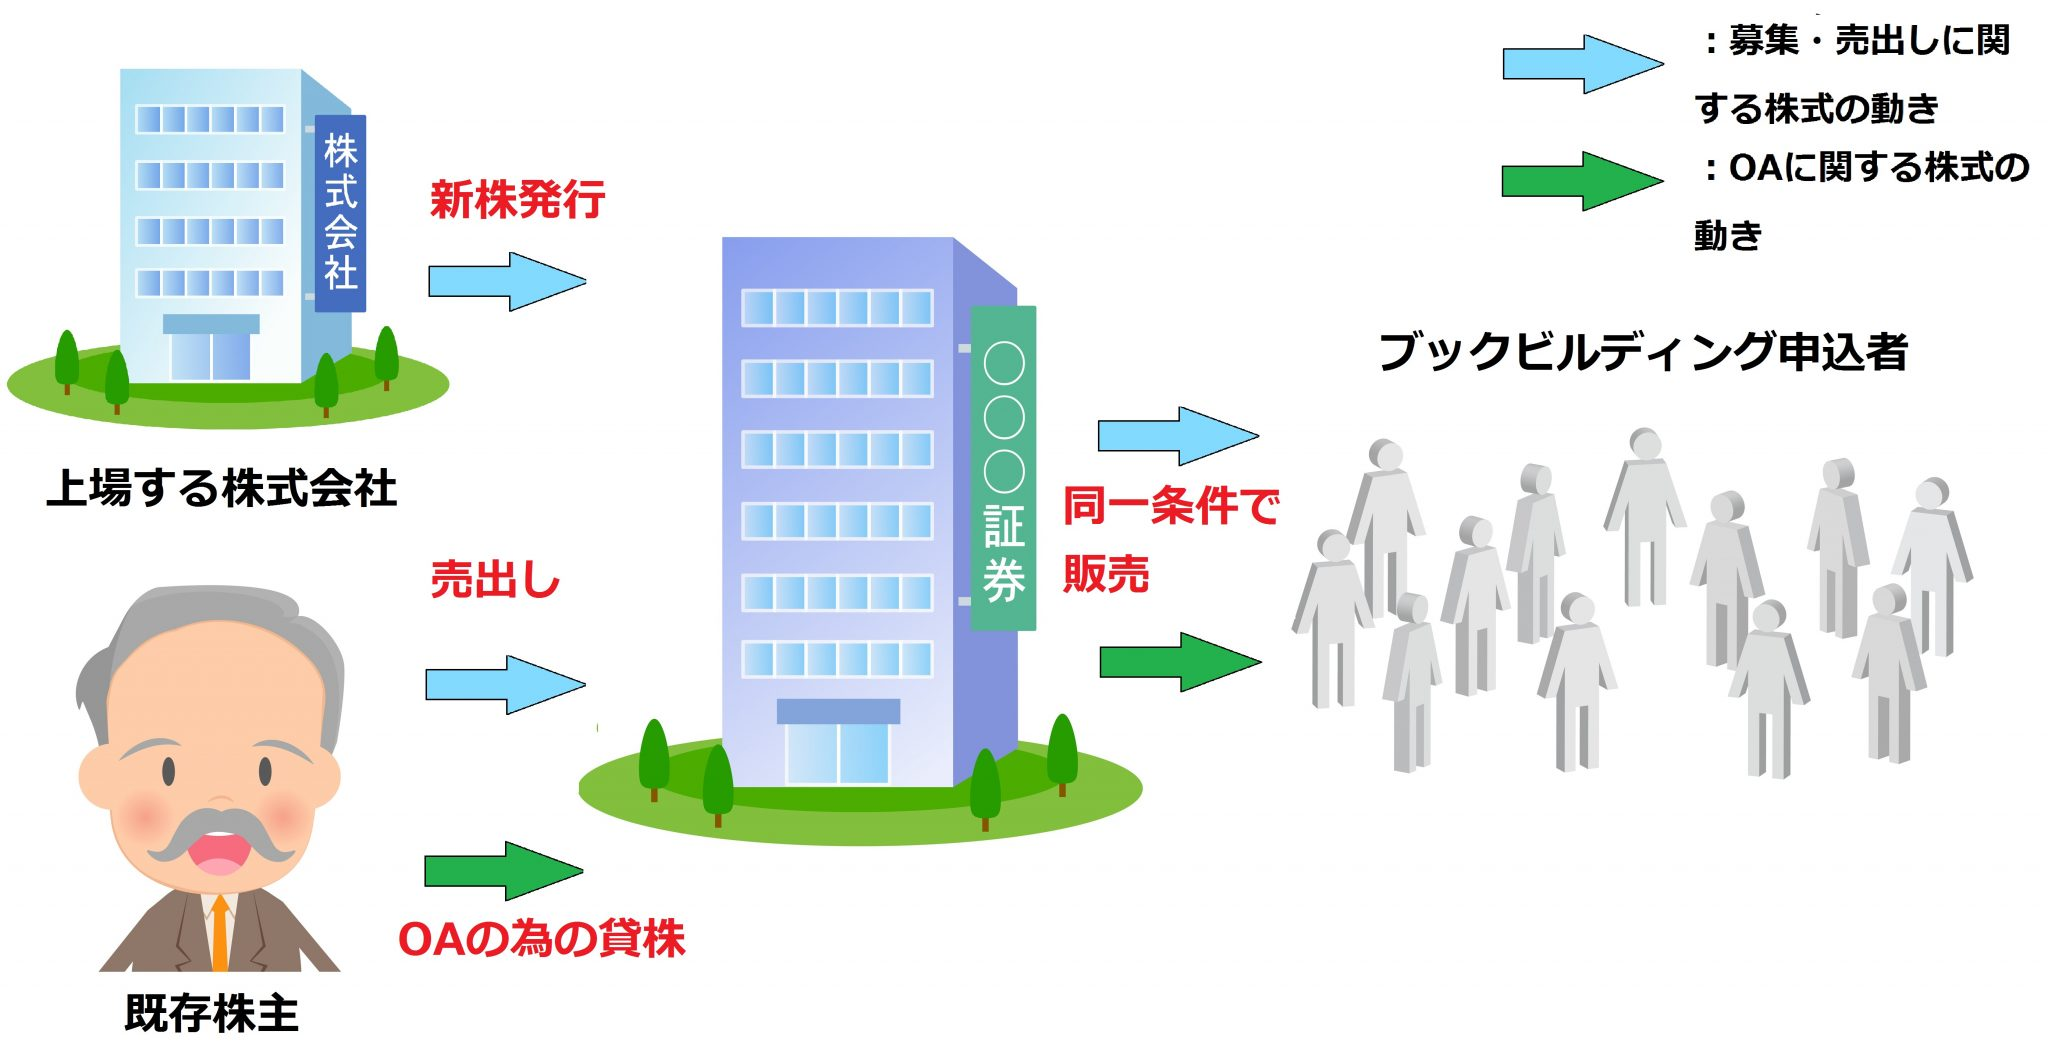 オーバーアロットメント図解1(上場前)